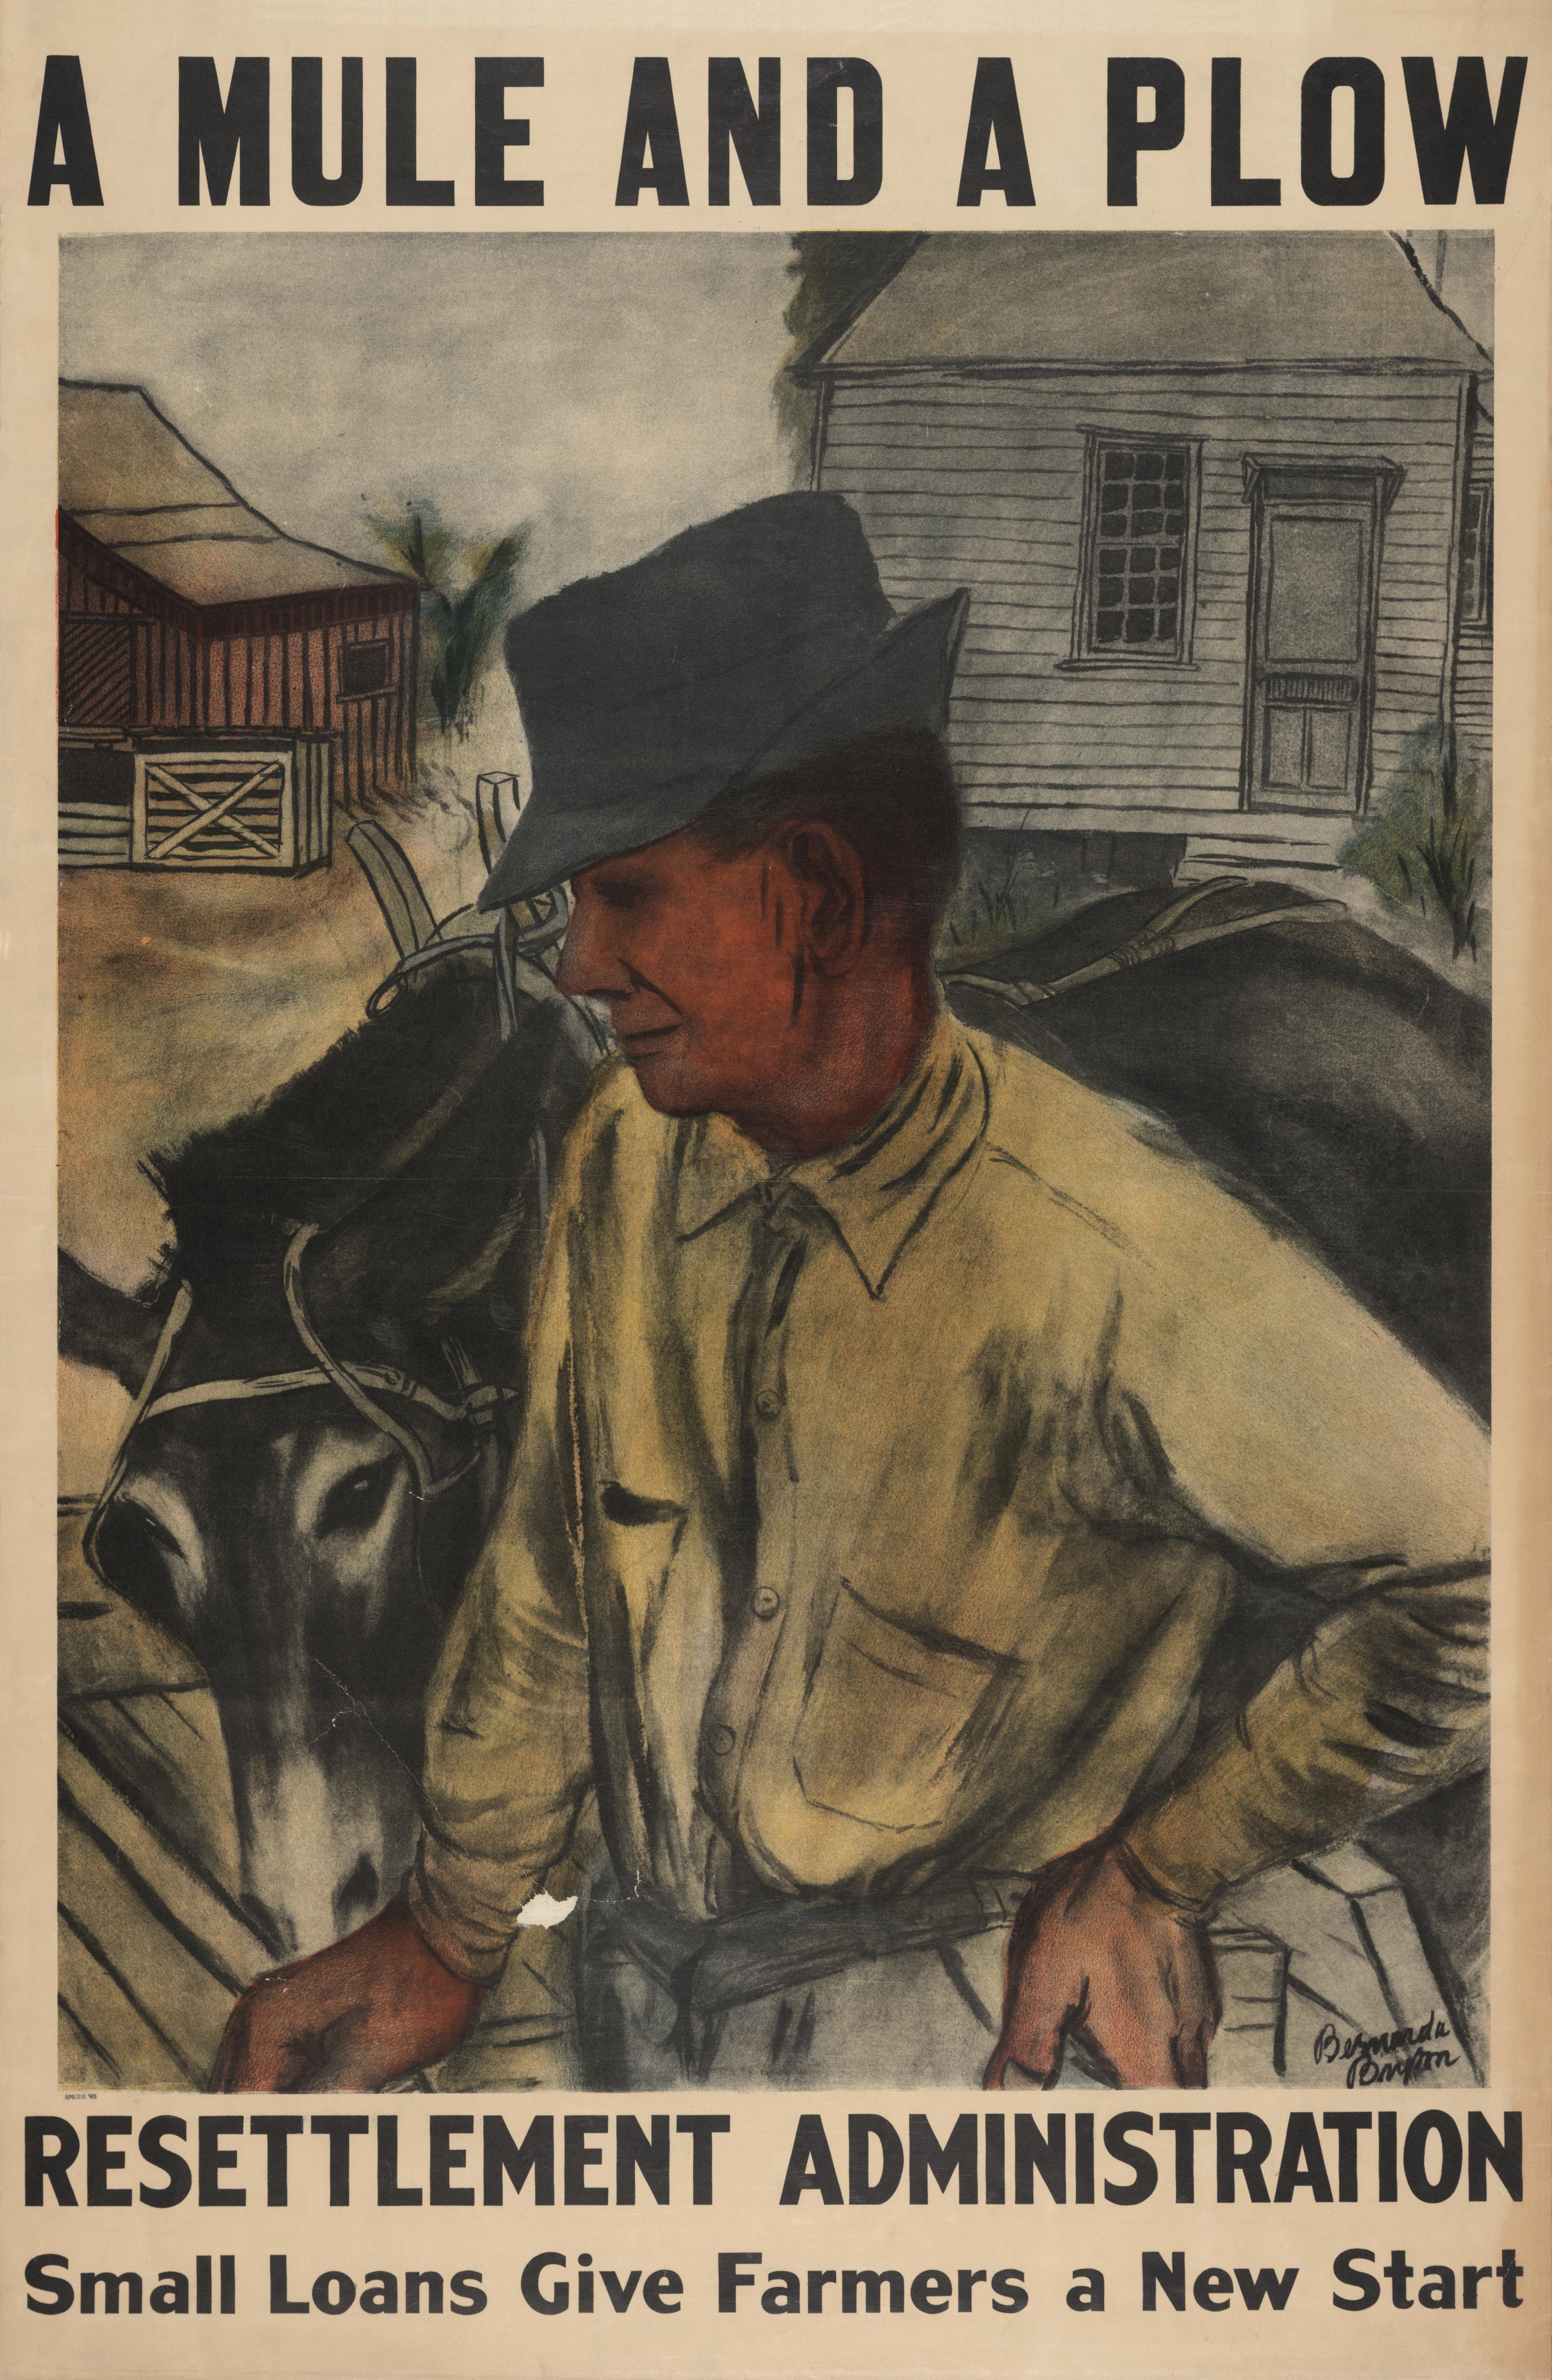 Resettlement Administration, 1935